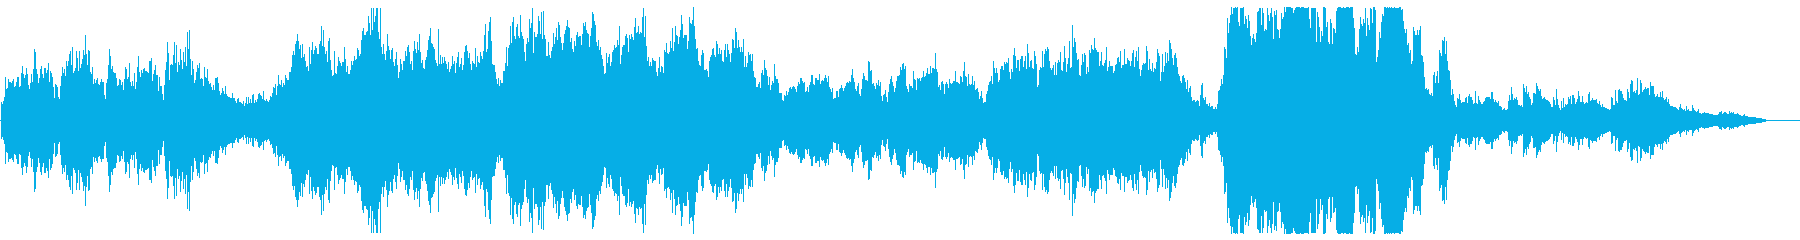 壮大なストリングス・オーケストラの再生済みの波形